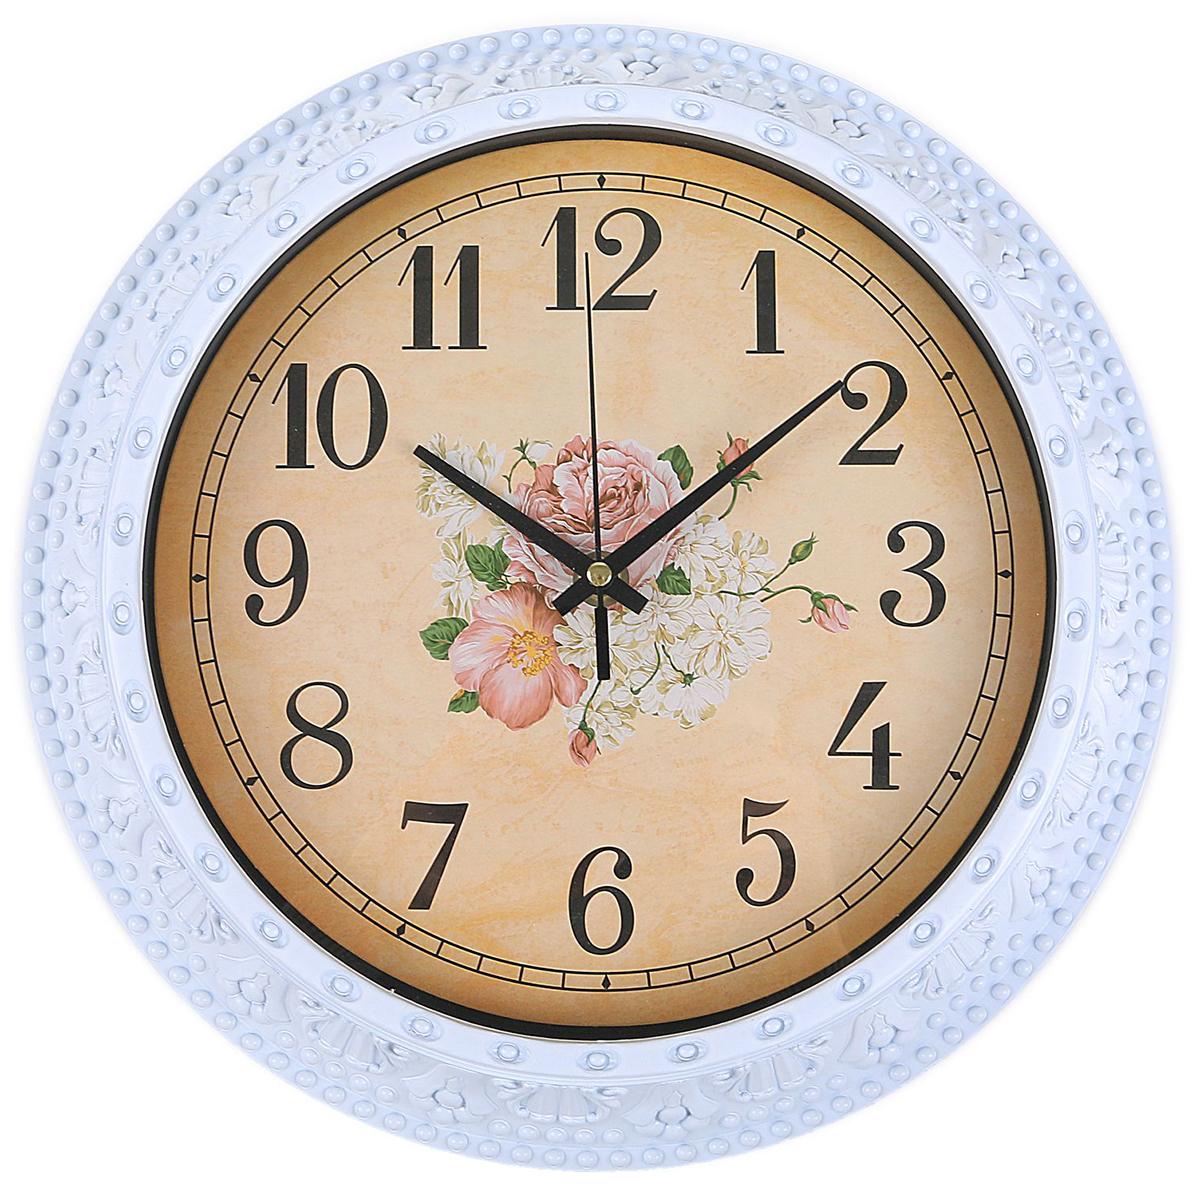 Часы настенные интерьерные Изящный букет, цвет: белый, диаметр 30 см2334884Каждому хозяину периодически приходит мысль обновить свою квартиру, сделать ремонт, перестановку или кардинально поменять внешний вид каждой комнаты. — привлекательная деталь, которая поможет воплотить вашу интерьерную идею, создать неповторимую атмосферу в вашем доме. Окружите себя приятными мелочами, пусть они радуют глаз и дарят гармонию.Часы настенные интерьерные Изящный букет, круг, белый, 30*5см 2334884